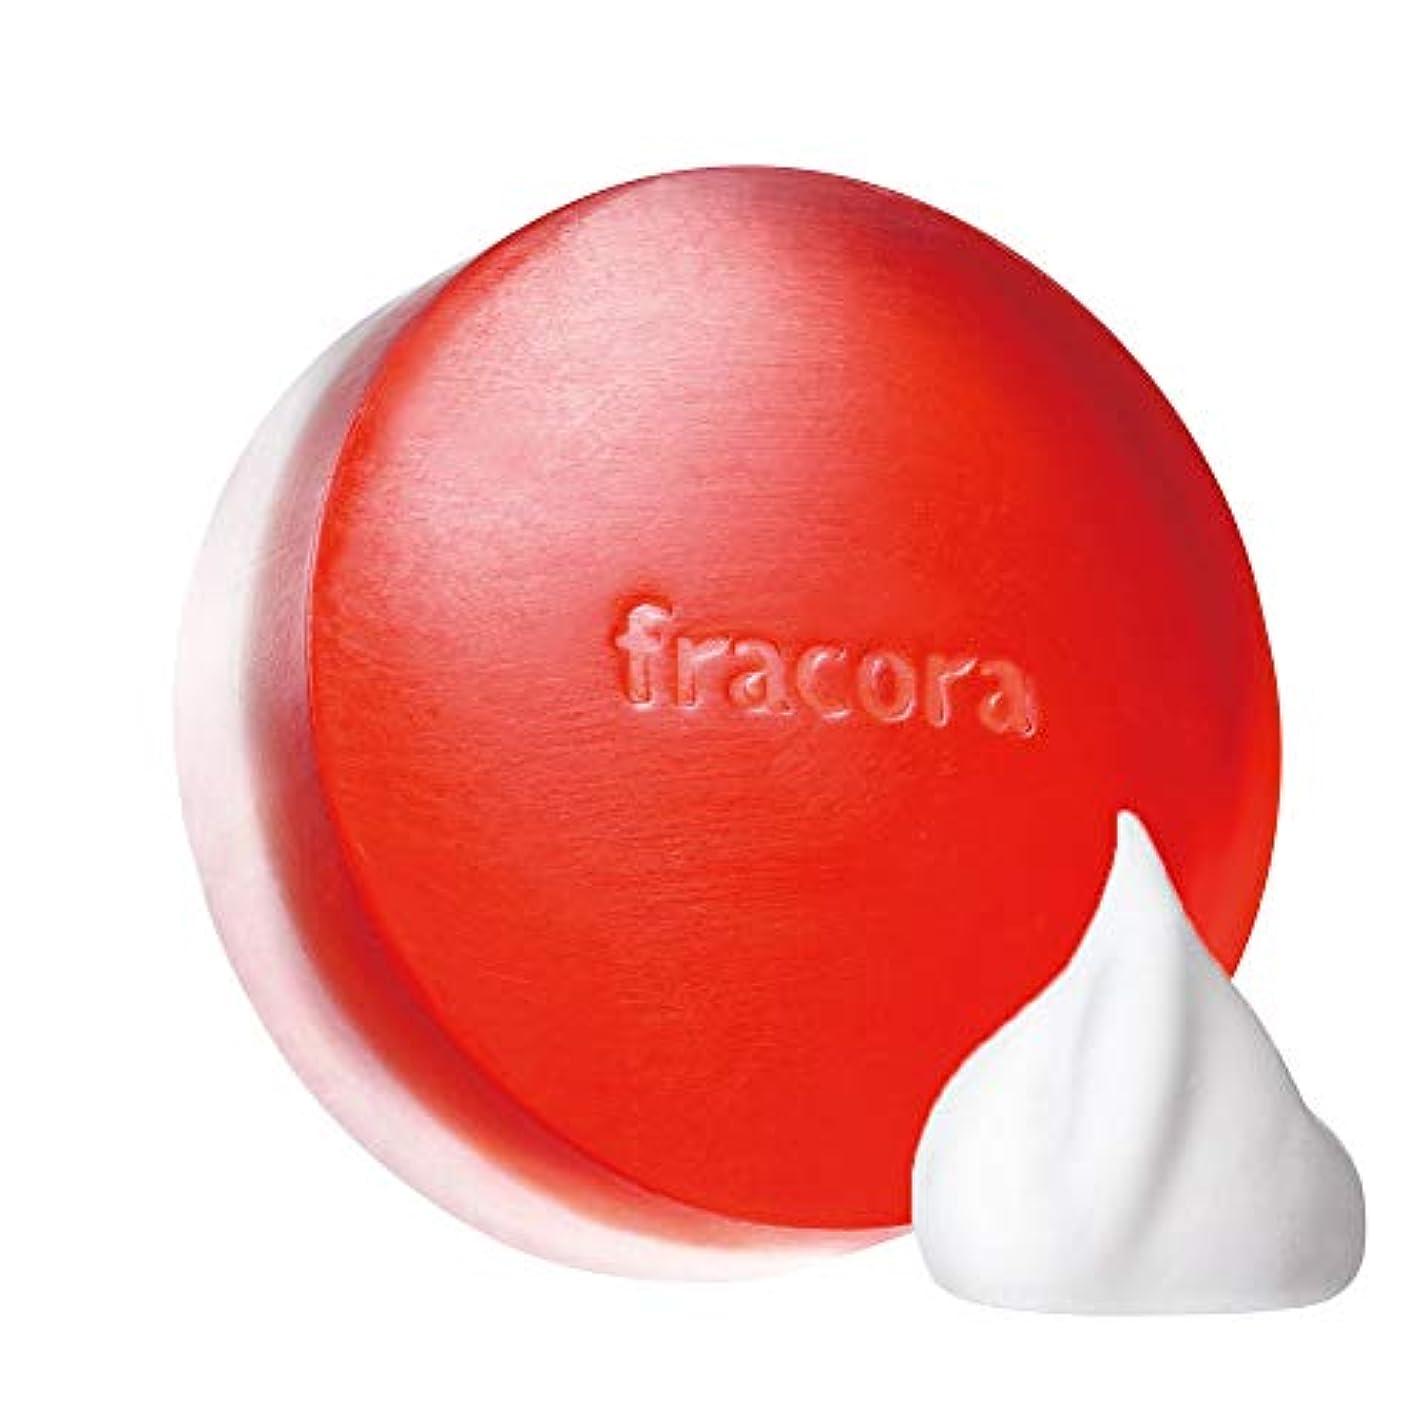 理論主要な旋回fracora(フラコラ) モイスト&エナジーソープ 80g